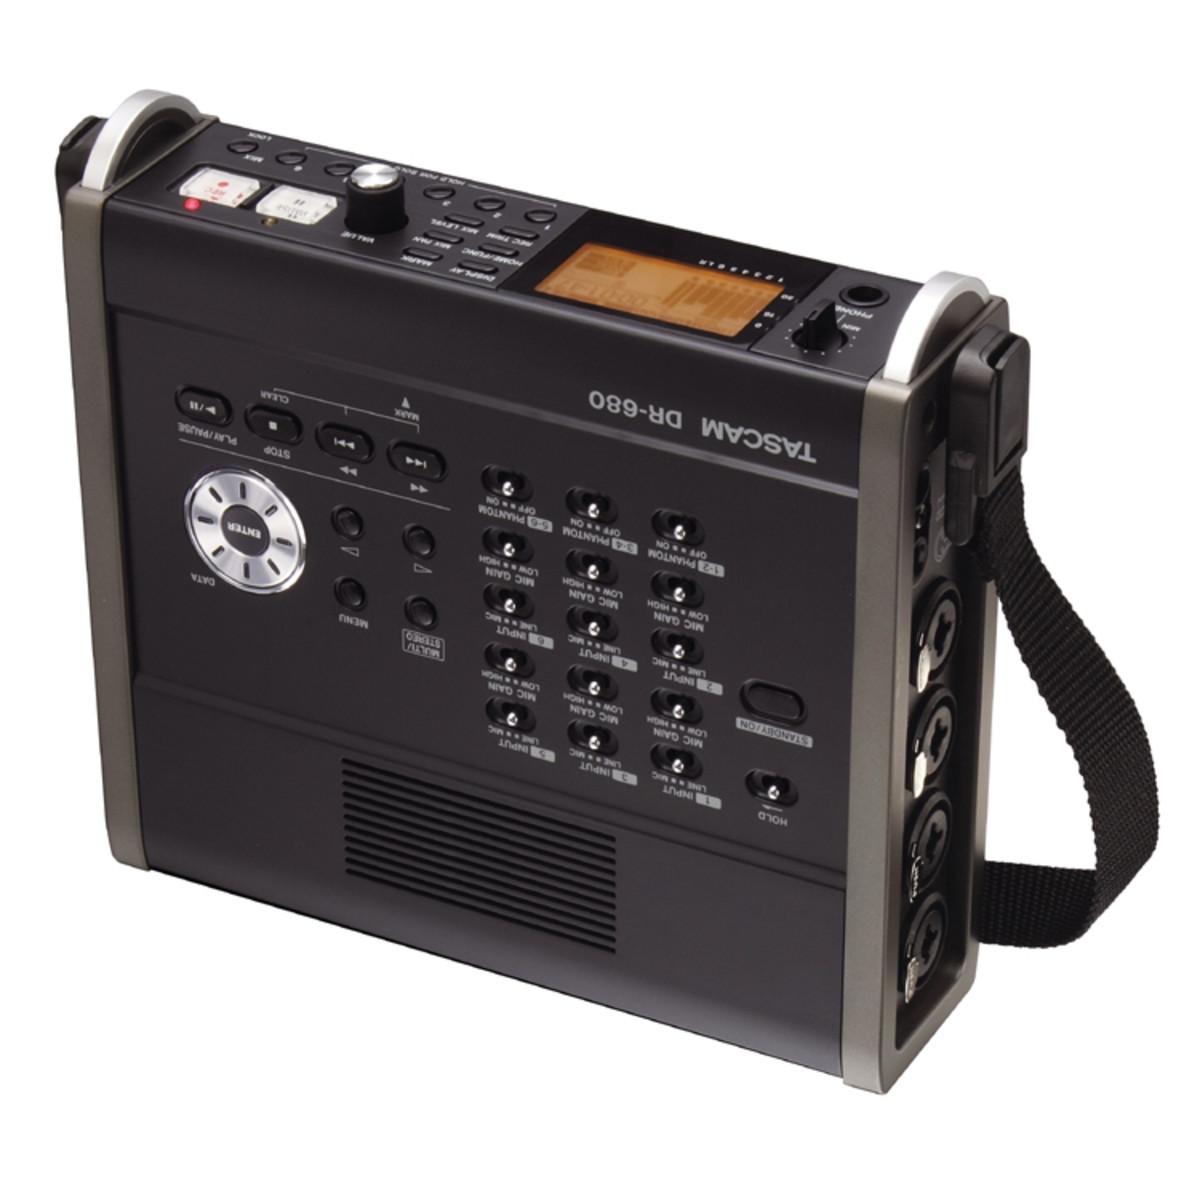 tascam dr 680 8 track multi track field recorder at. Black Bedroom Furniture Sets. Home Design Ideas